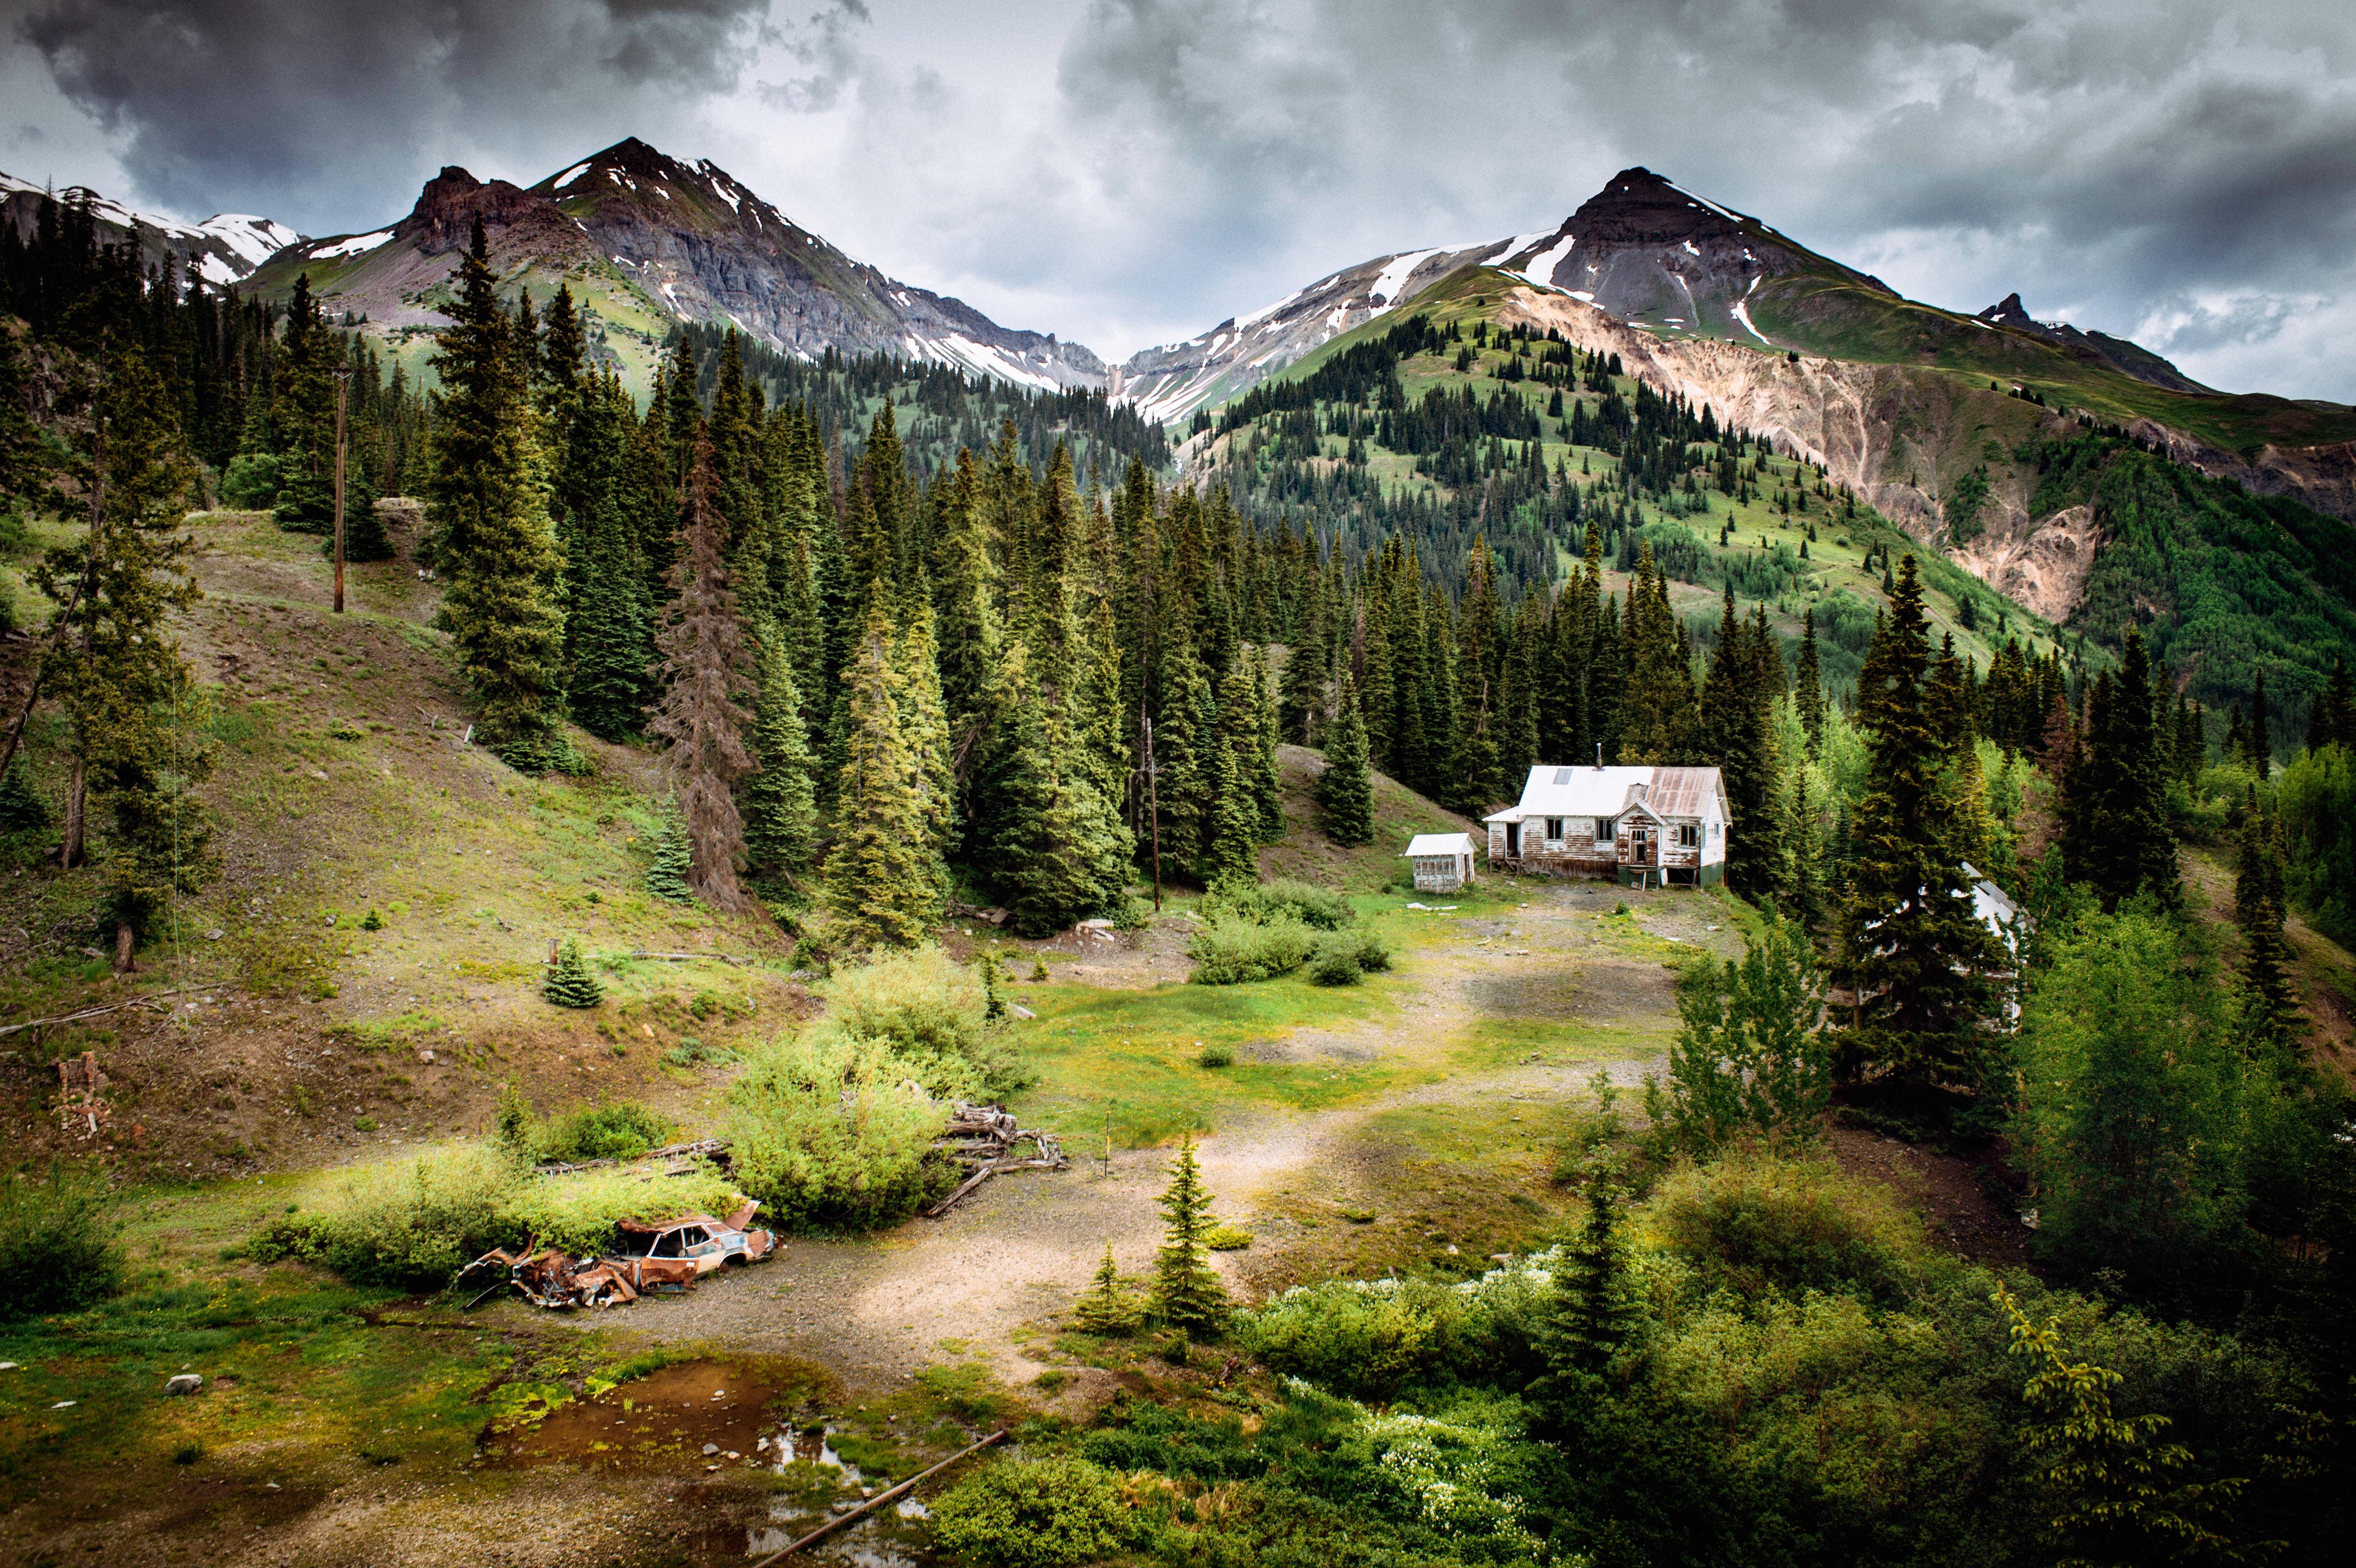 Unsplash Wilderness photo